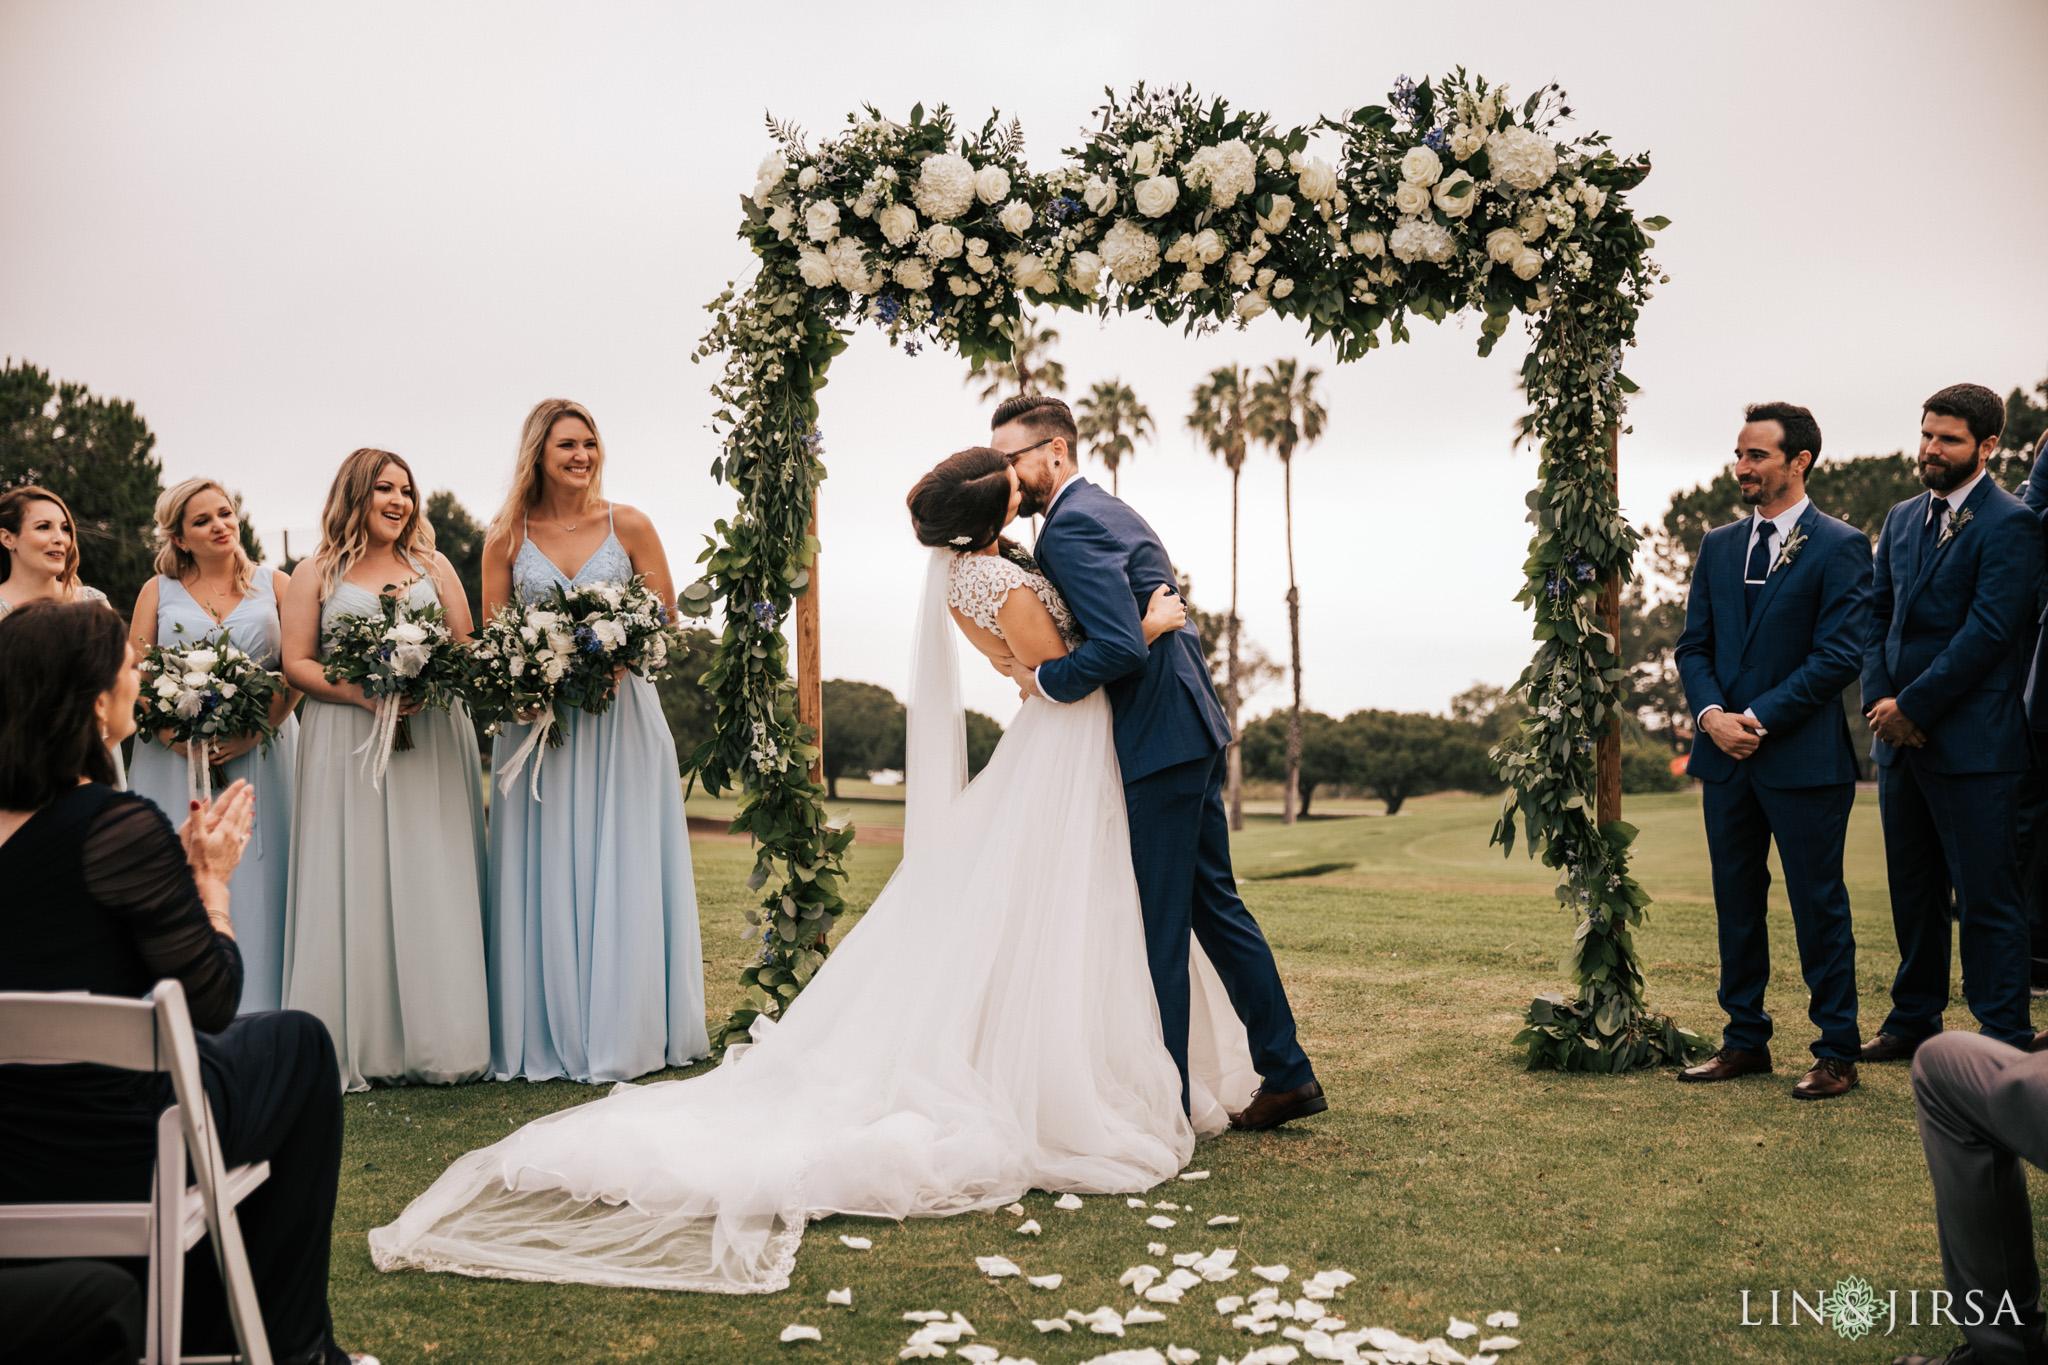 030 los verdes golf course wedding ceremony photography